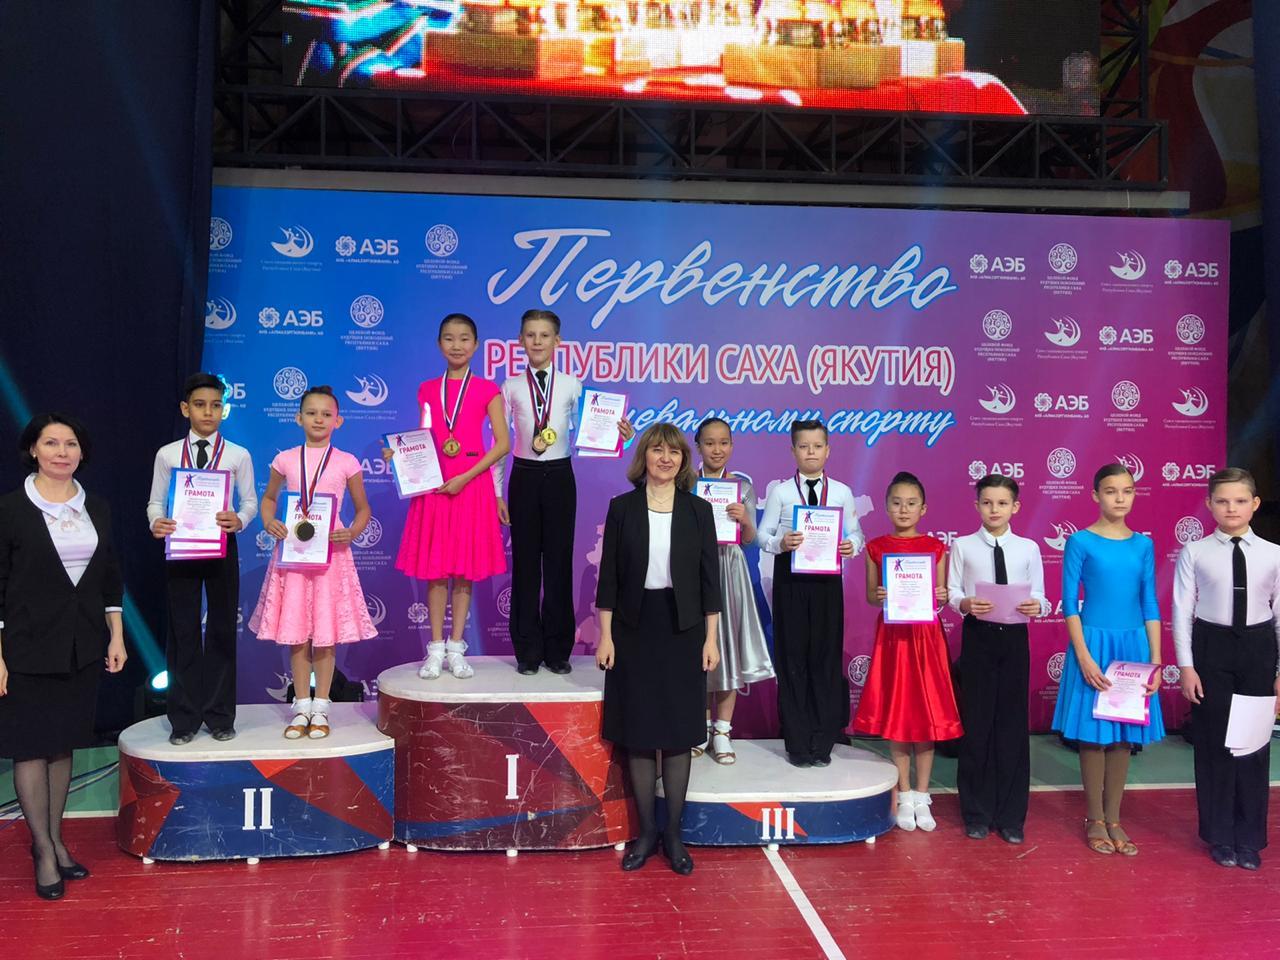 Первенство Республики Саха (Якутия) по танцевальному спорту